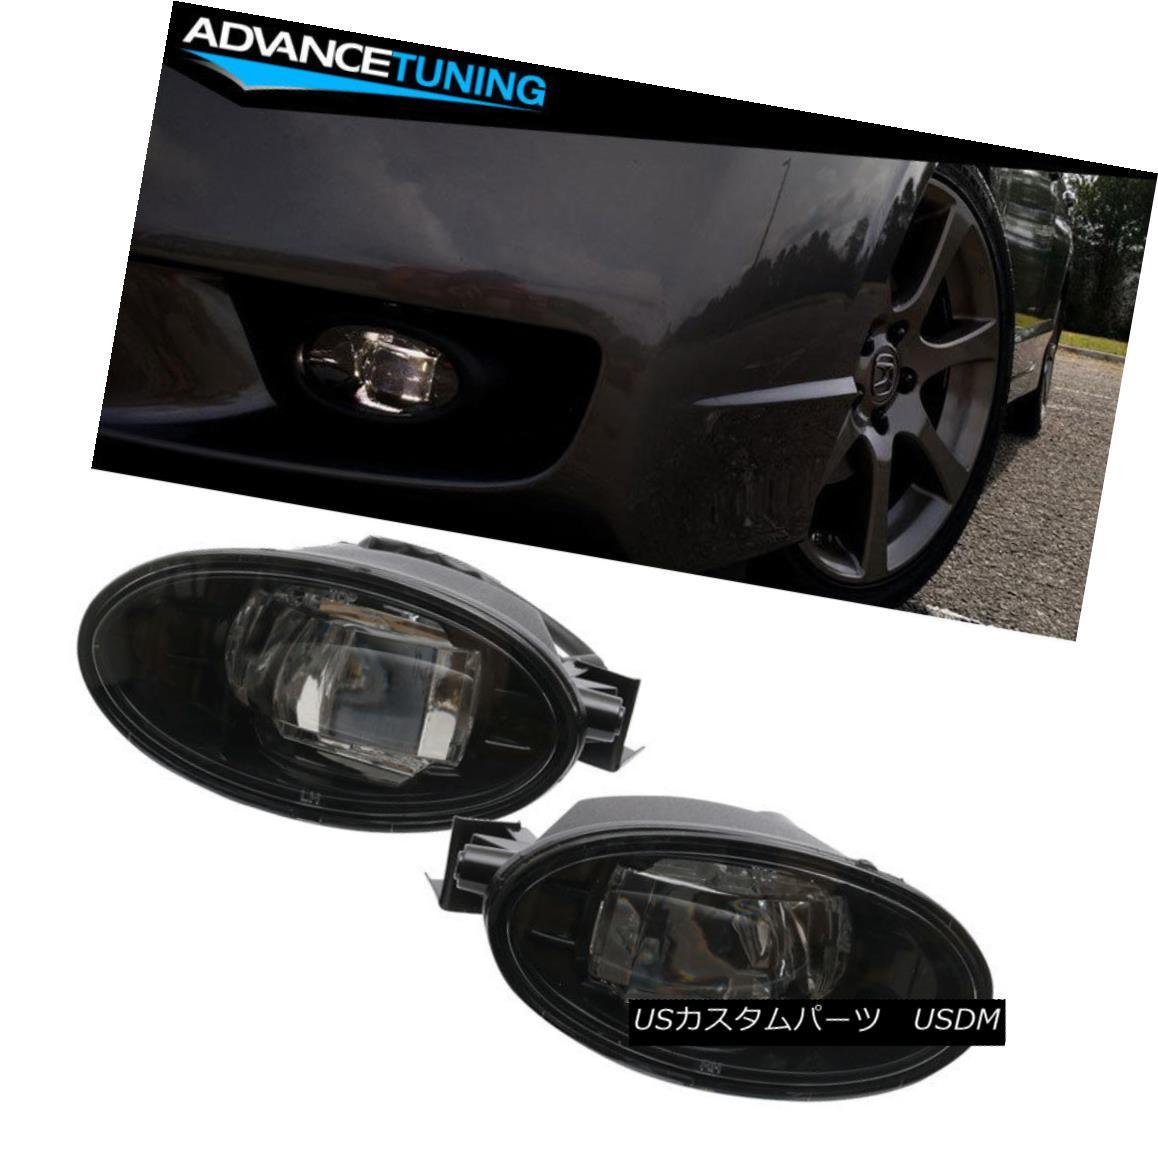 エアロパーツ For Honda Universal 55W LED Fog Lamp Light & Positon Lamp HD806-LED ホンダユニバーサル55W LEDフォグランプ用ライト& ポジションランプHD806-LED